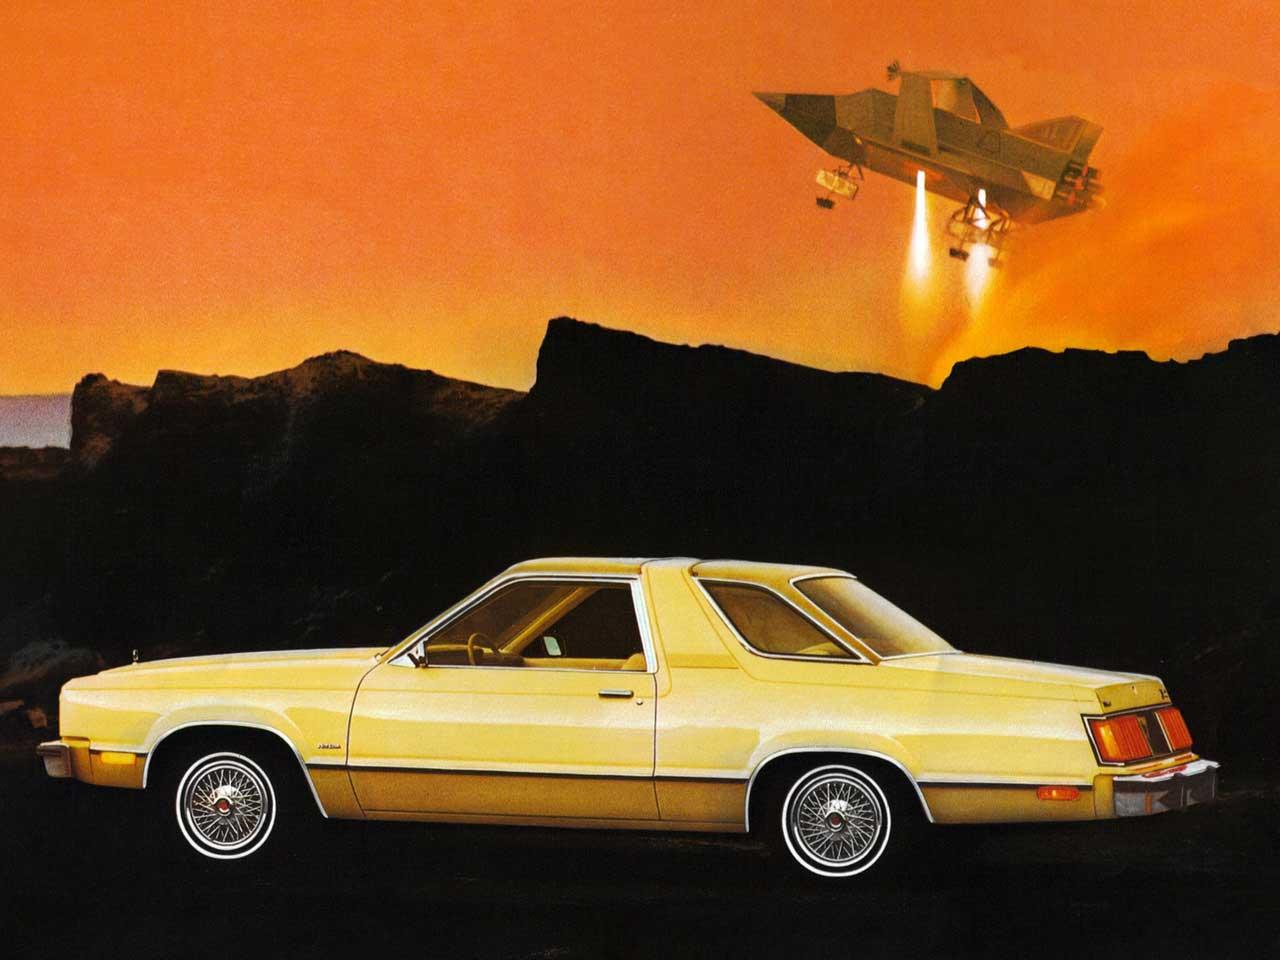 les plus belles photos de la Ford Fairmont Futura en version coupé et berline Ford_fairmont_futura_belle_photo_0010